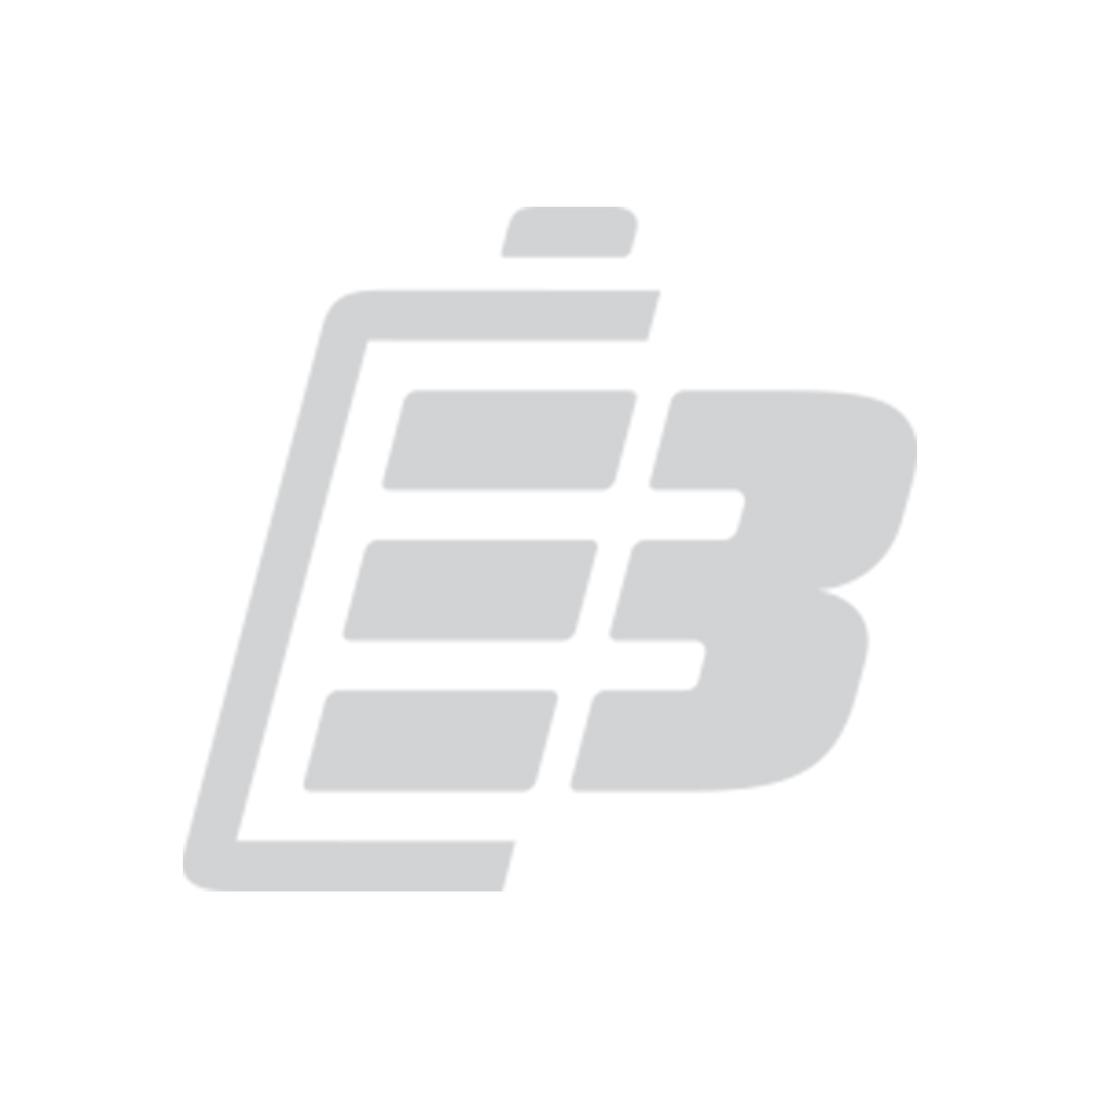 Μπαταρία Laptop Asus UX50_1